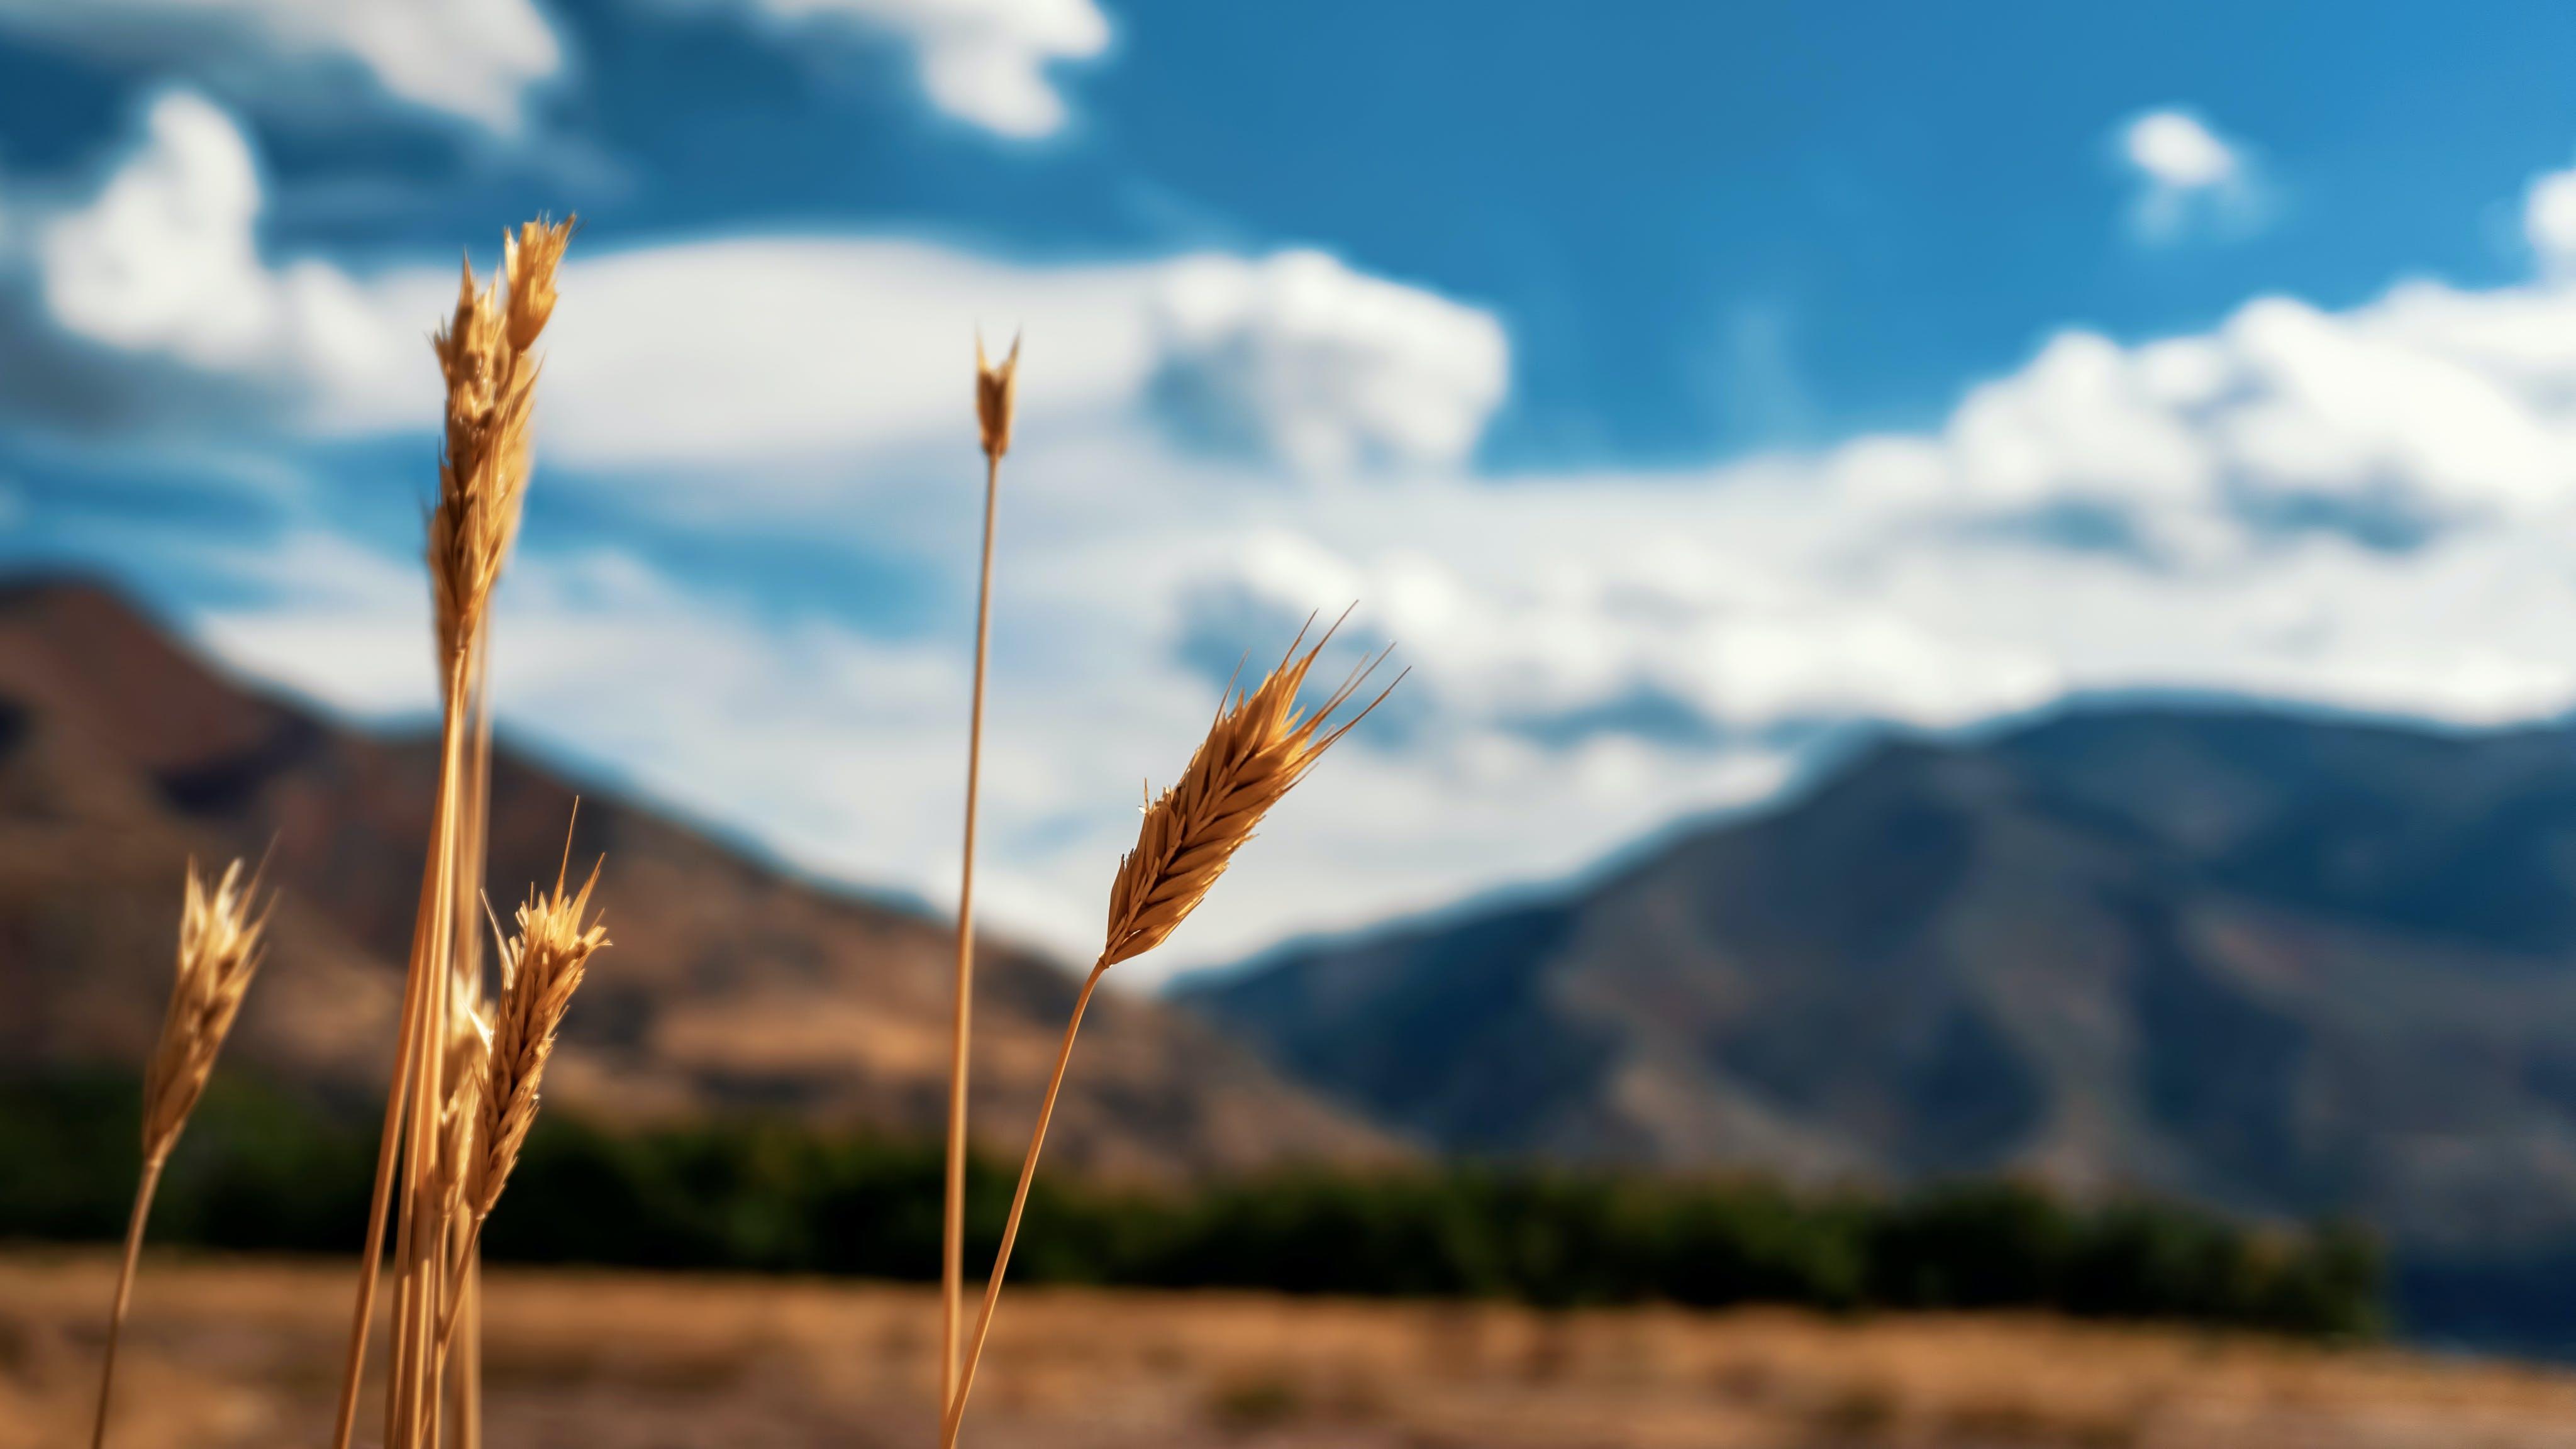 Foto d'estoc gratuïta de camp, cel, grans, herba